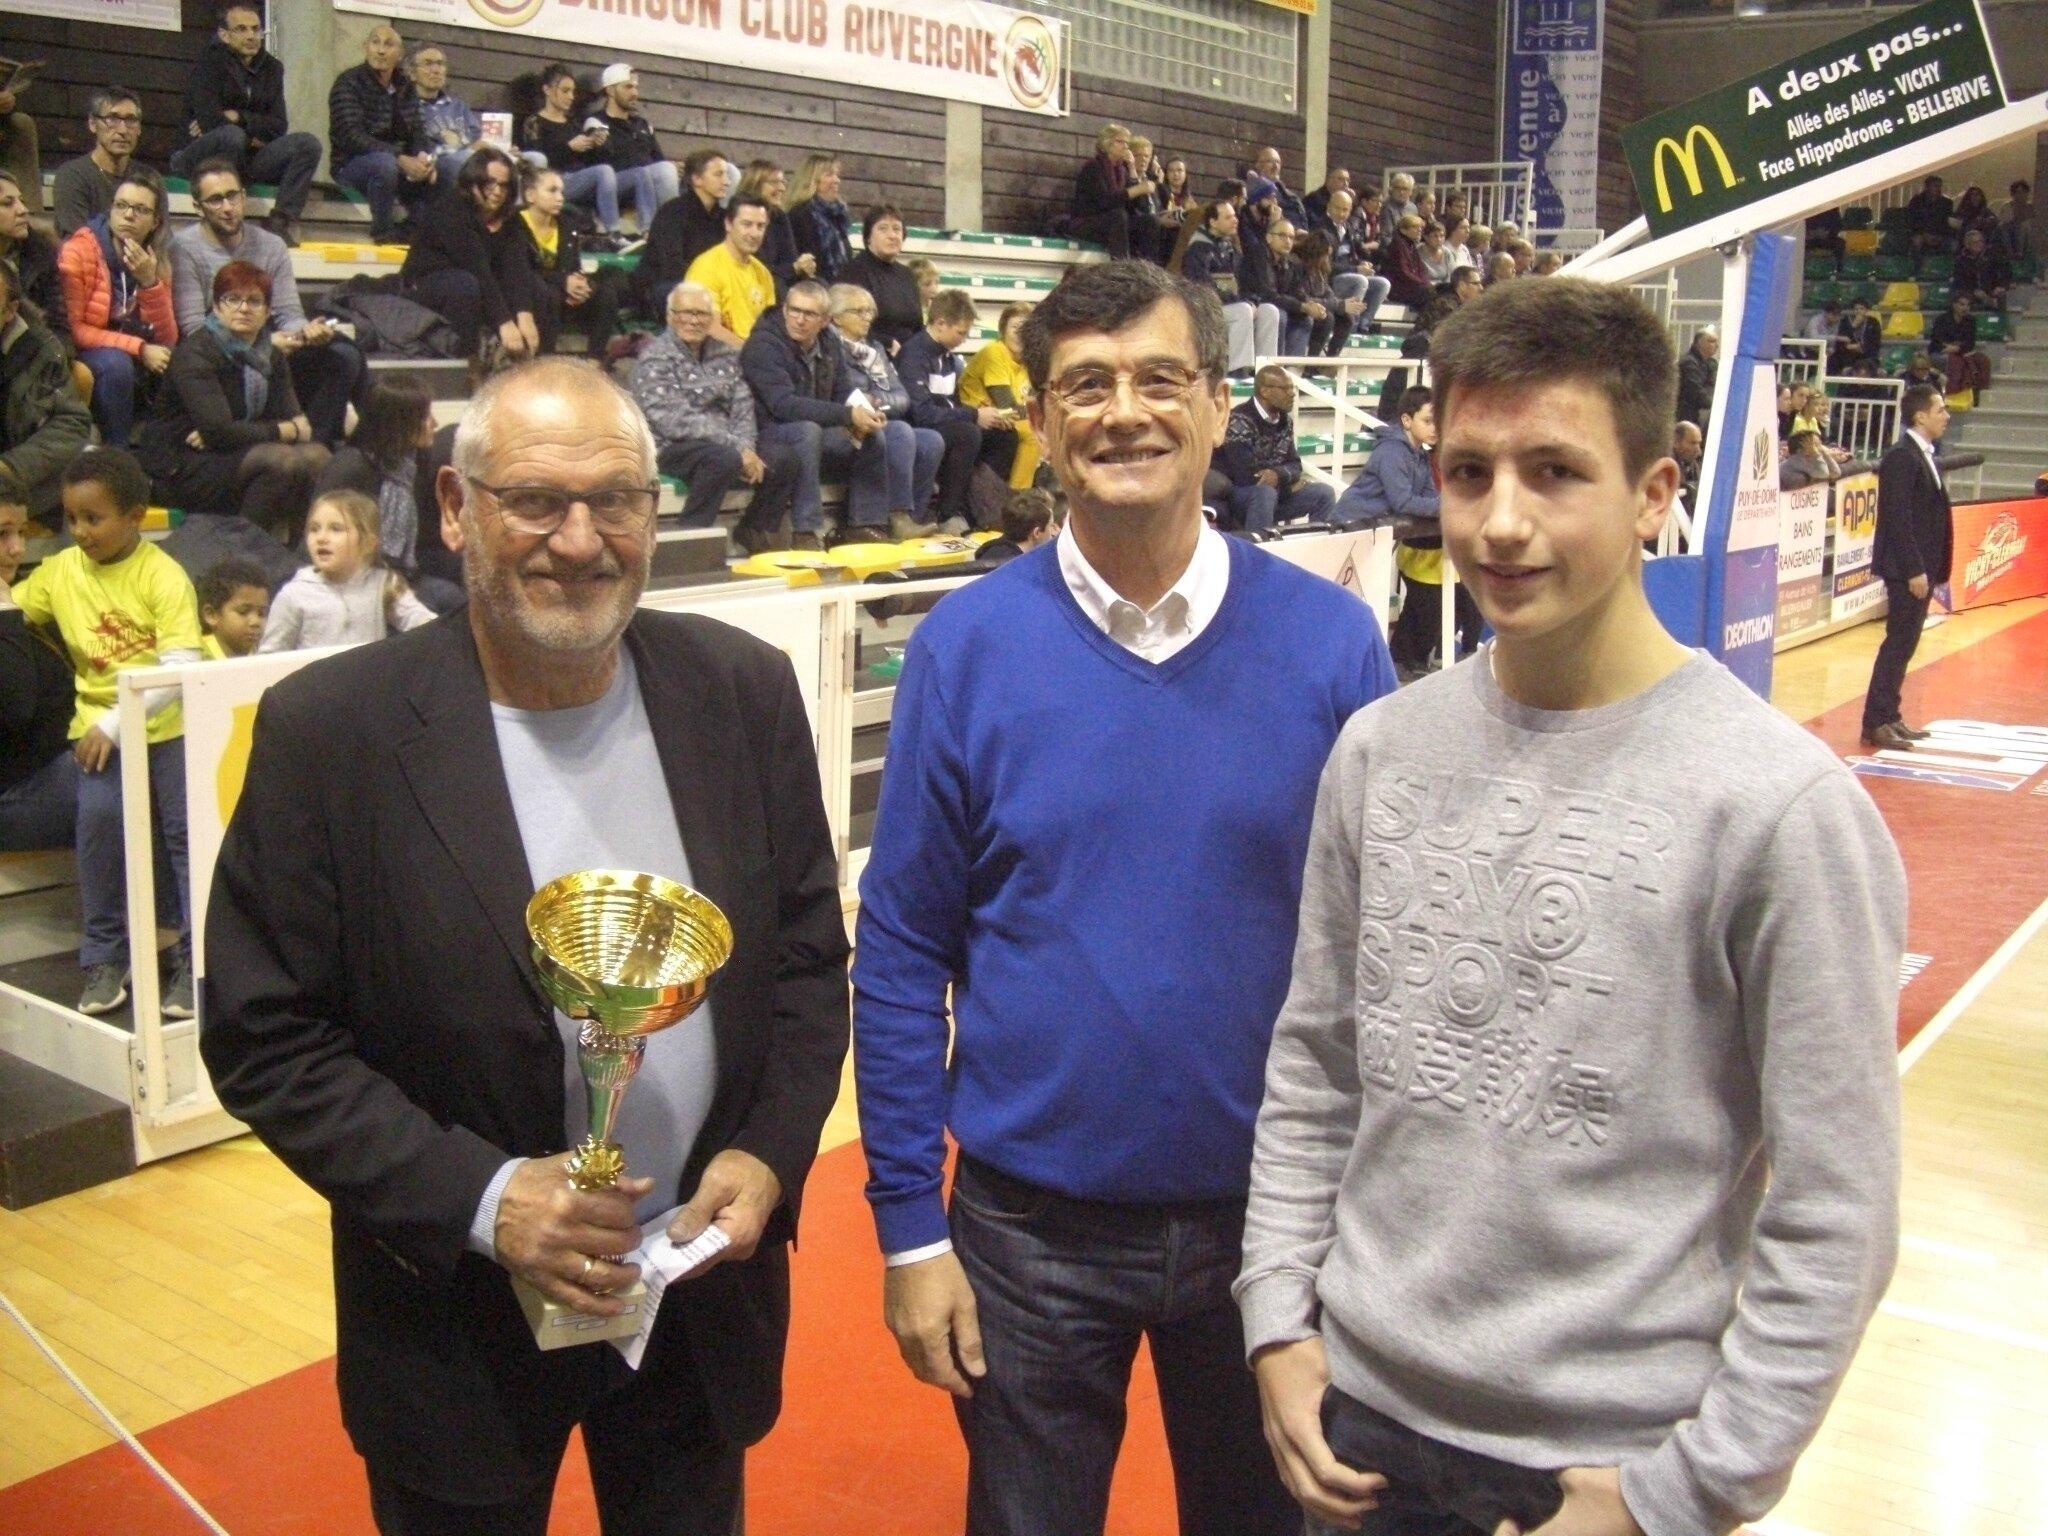 Trophée Rudy Bennett 2016-2017